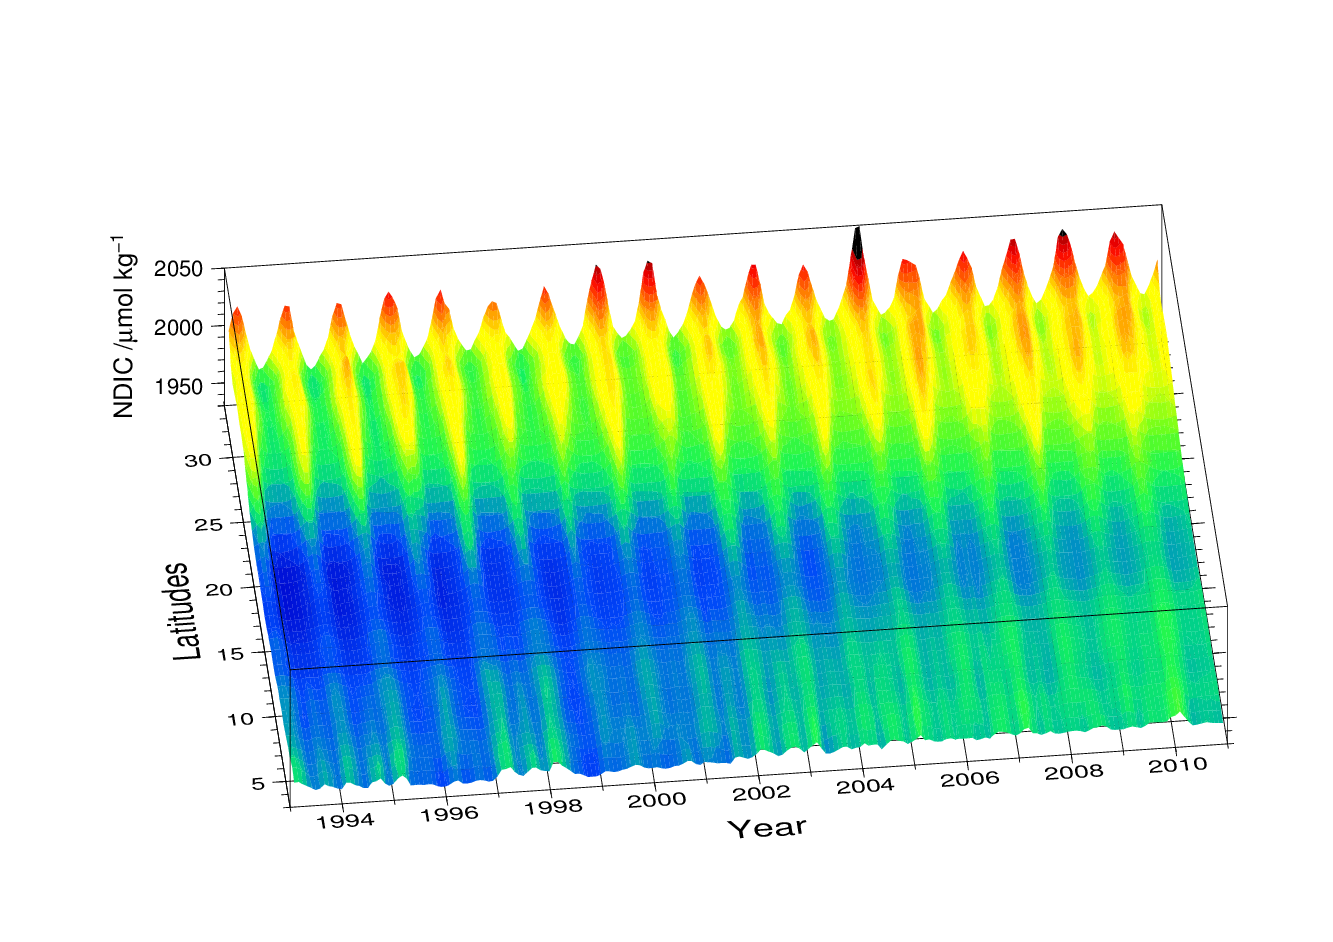 海洋混合学の創設:物質循環・気候・生態系の維持と長周期変動の解明